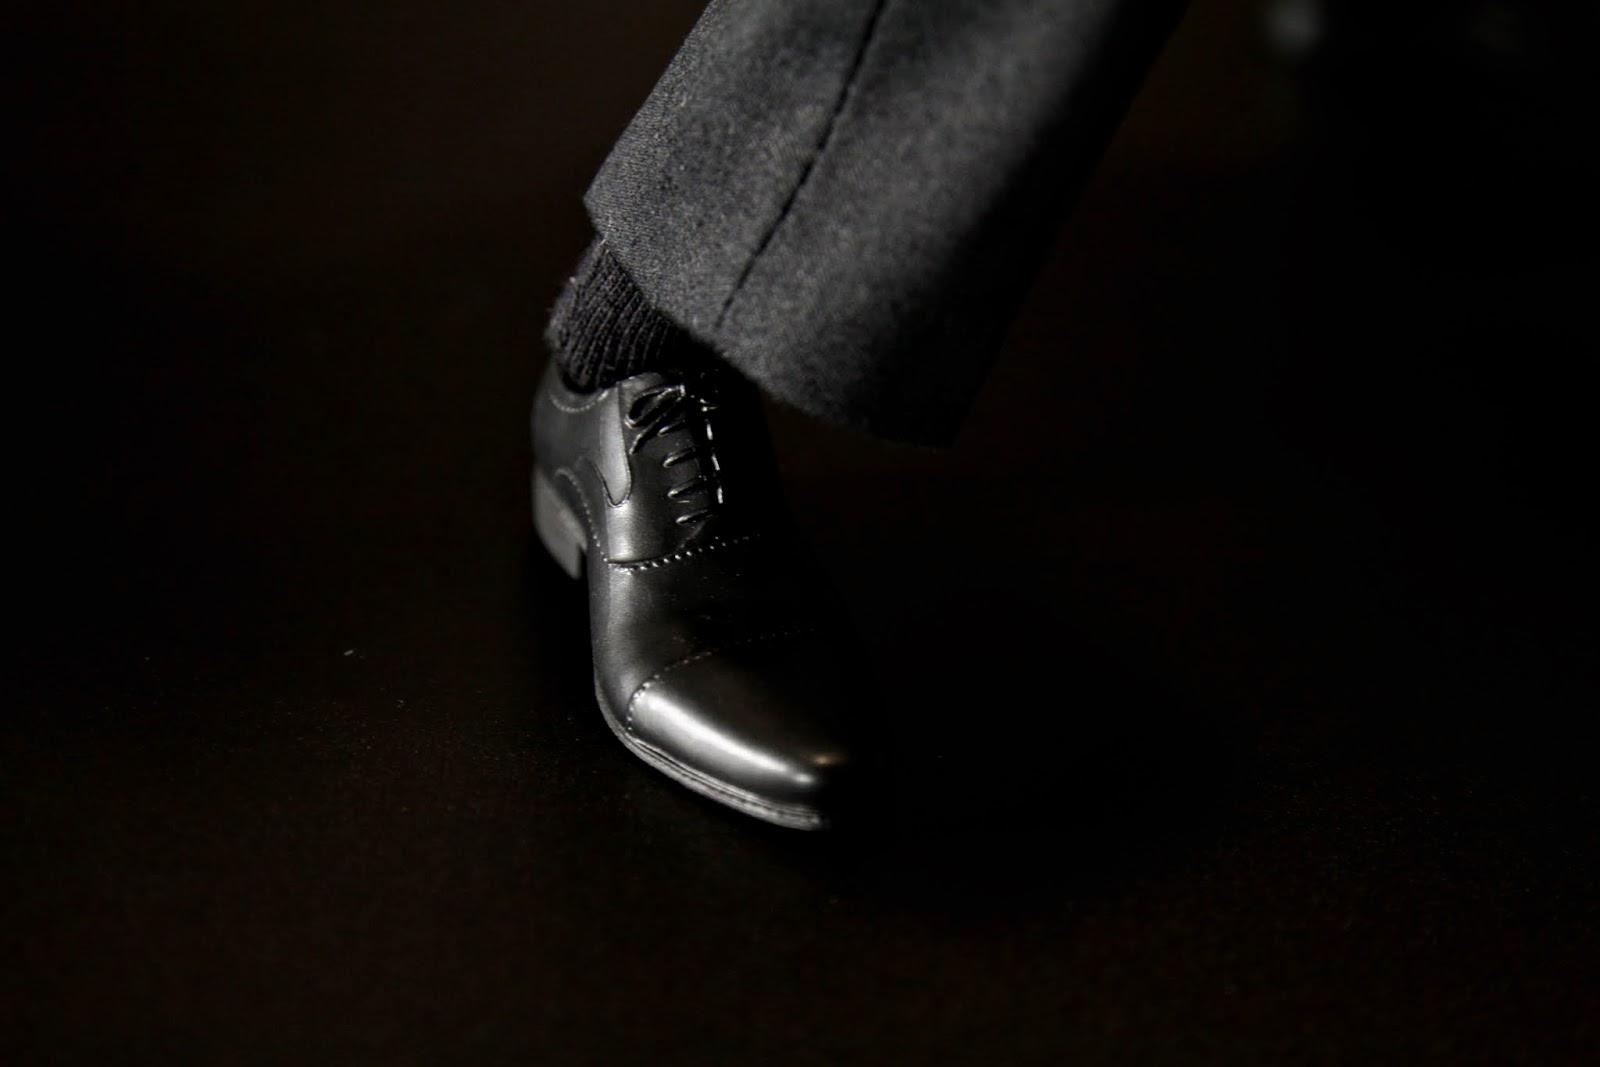 皮鞋跟布魯斯的不同款~我覺得光這點就值得鼓勵